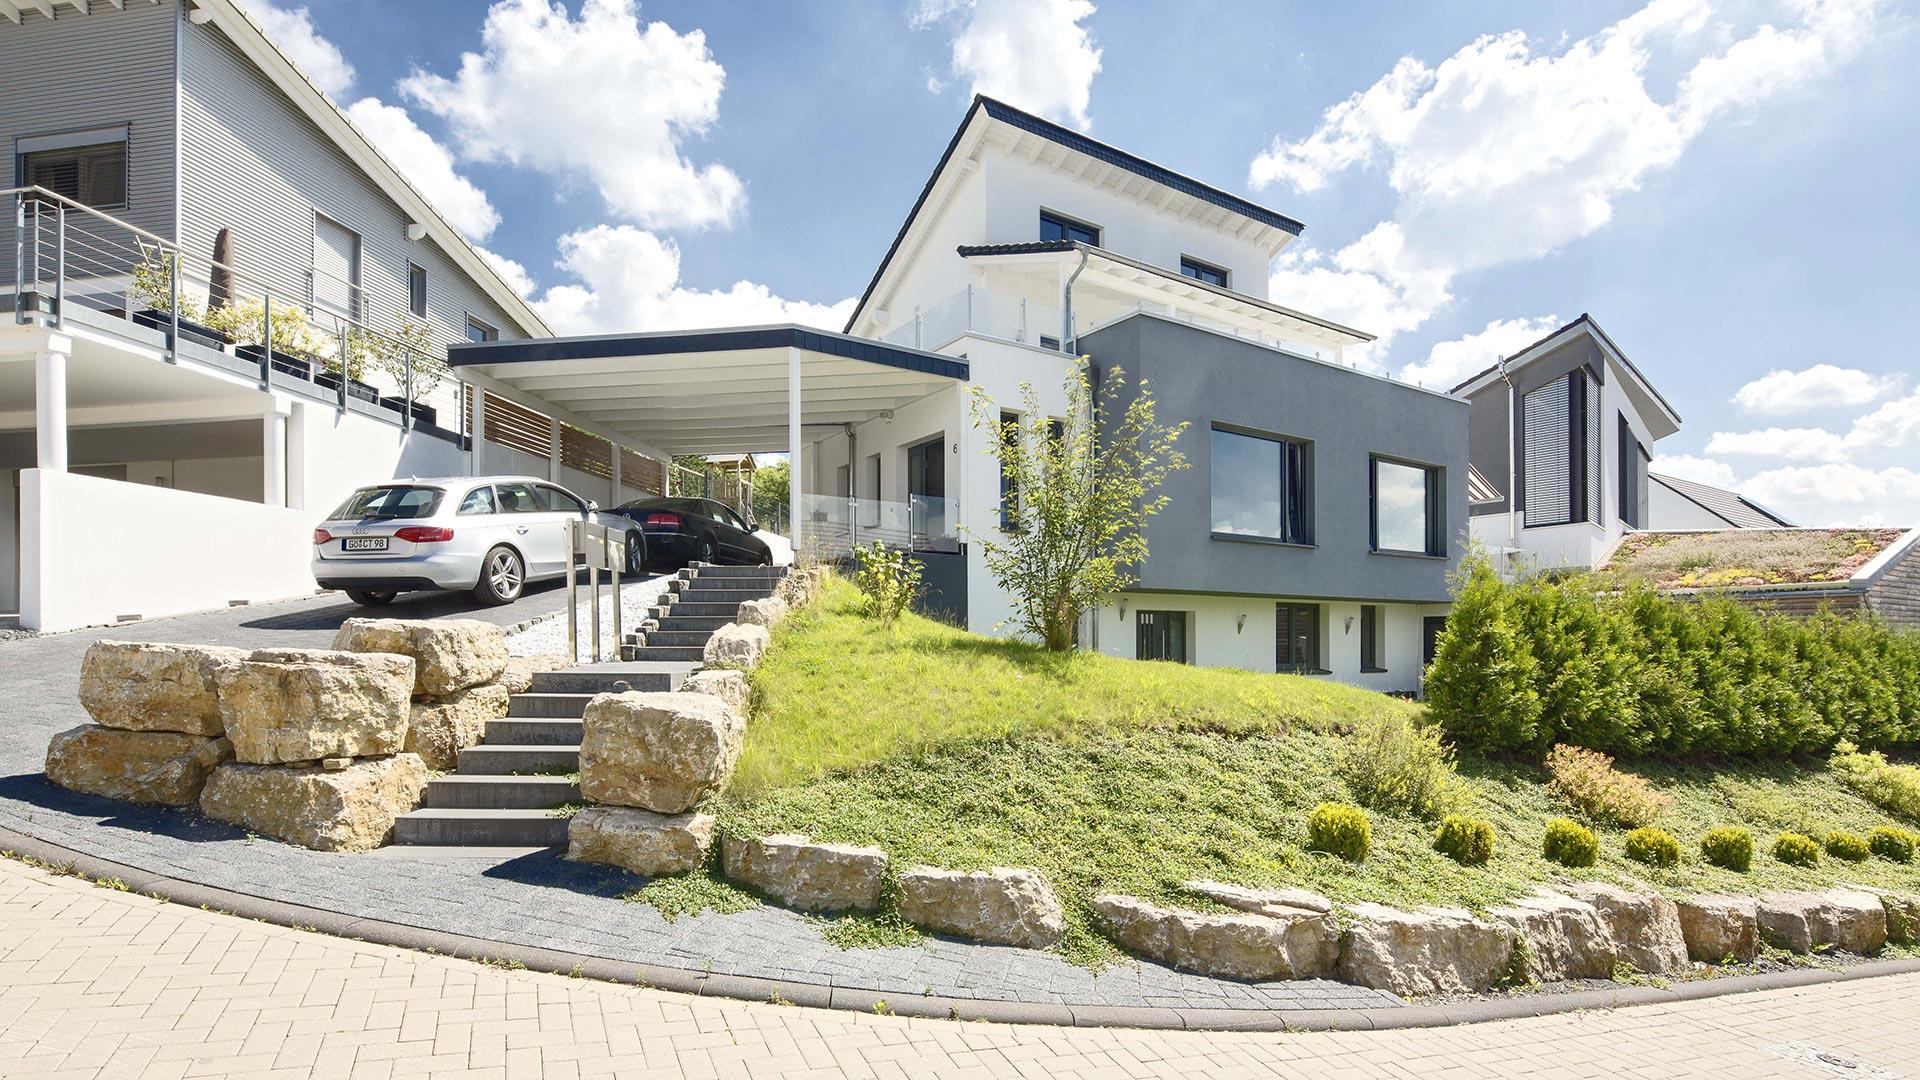 Architekturfotografie: Haus am Berg | Foto: Dieter Eikenberg, imprints